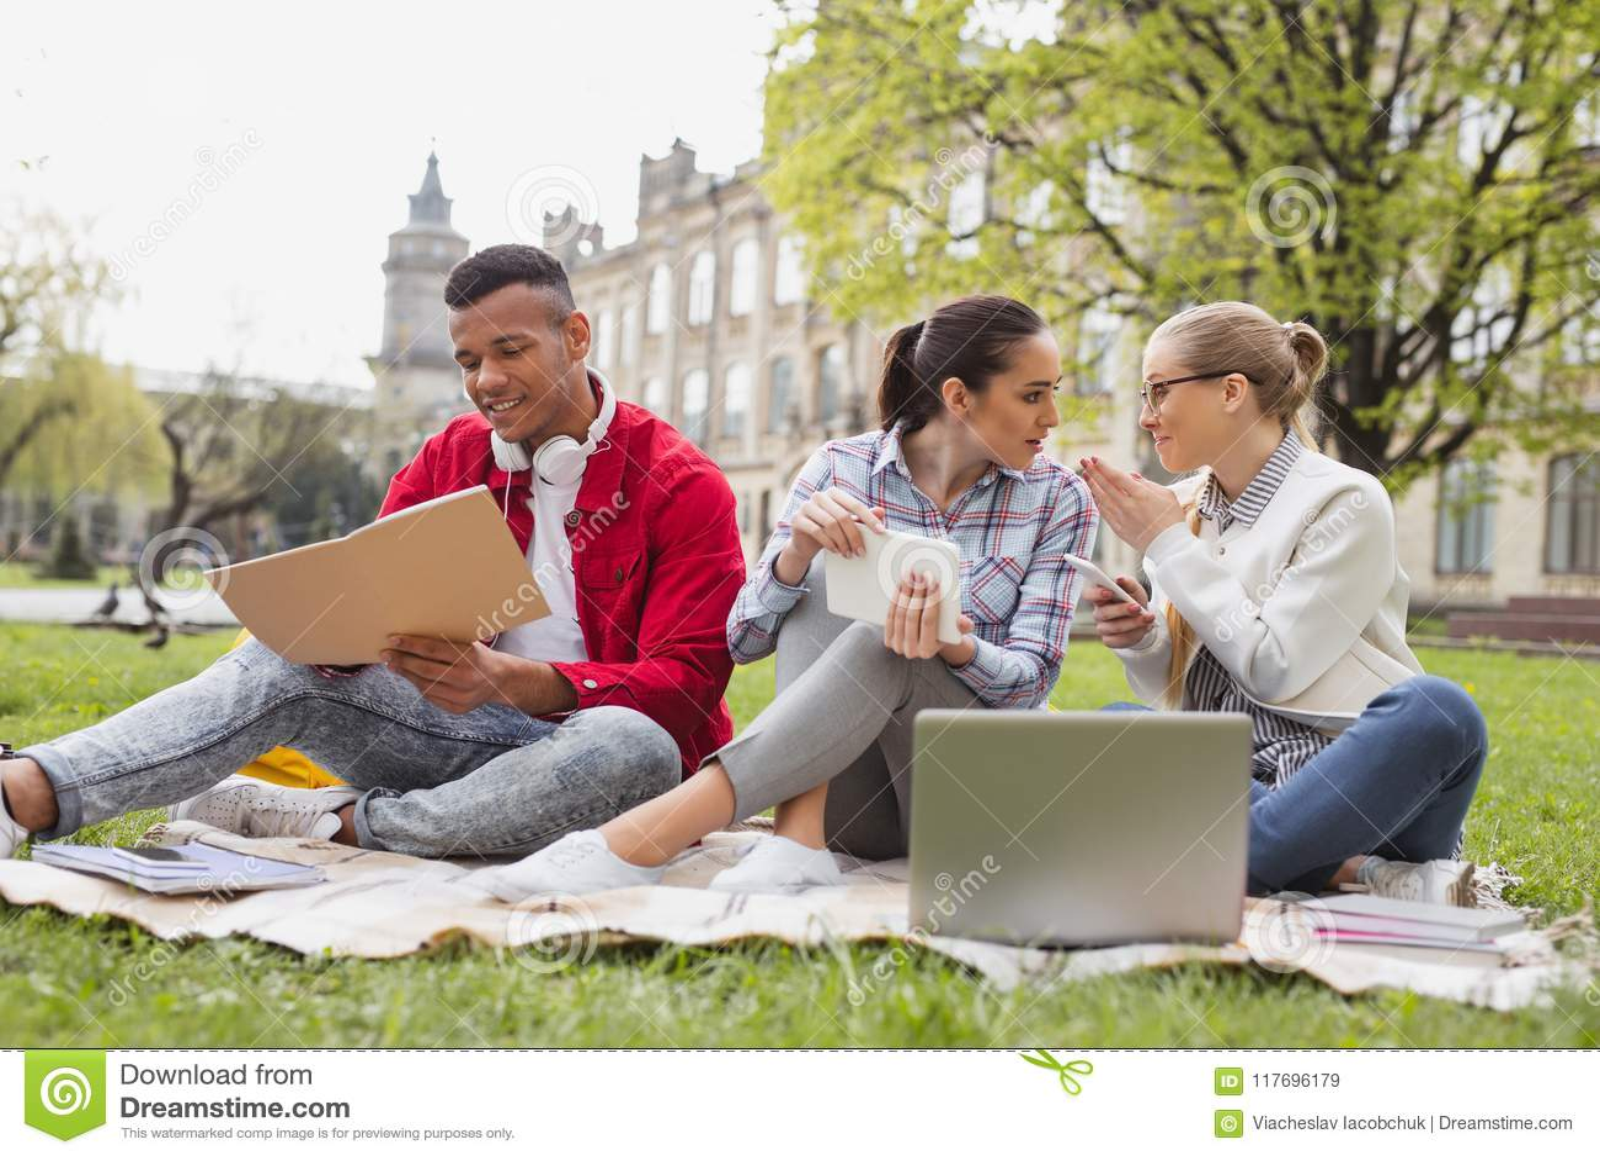 Студенты по обмену беседуя друг с другом тратящ свободное время совместно